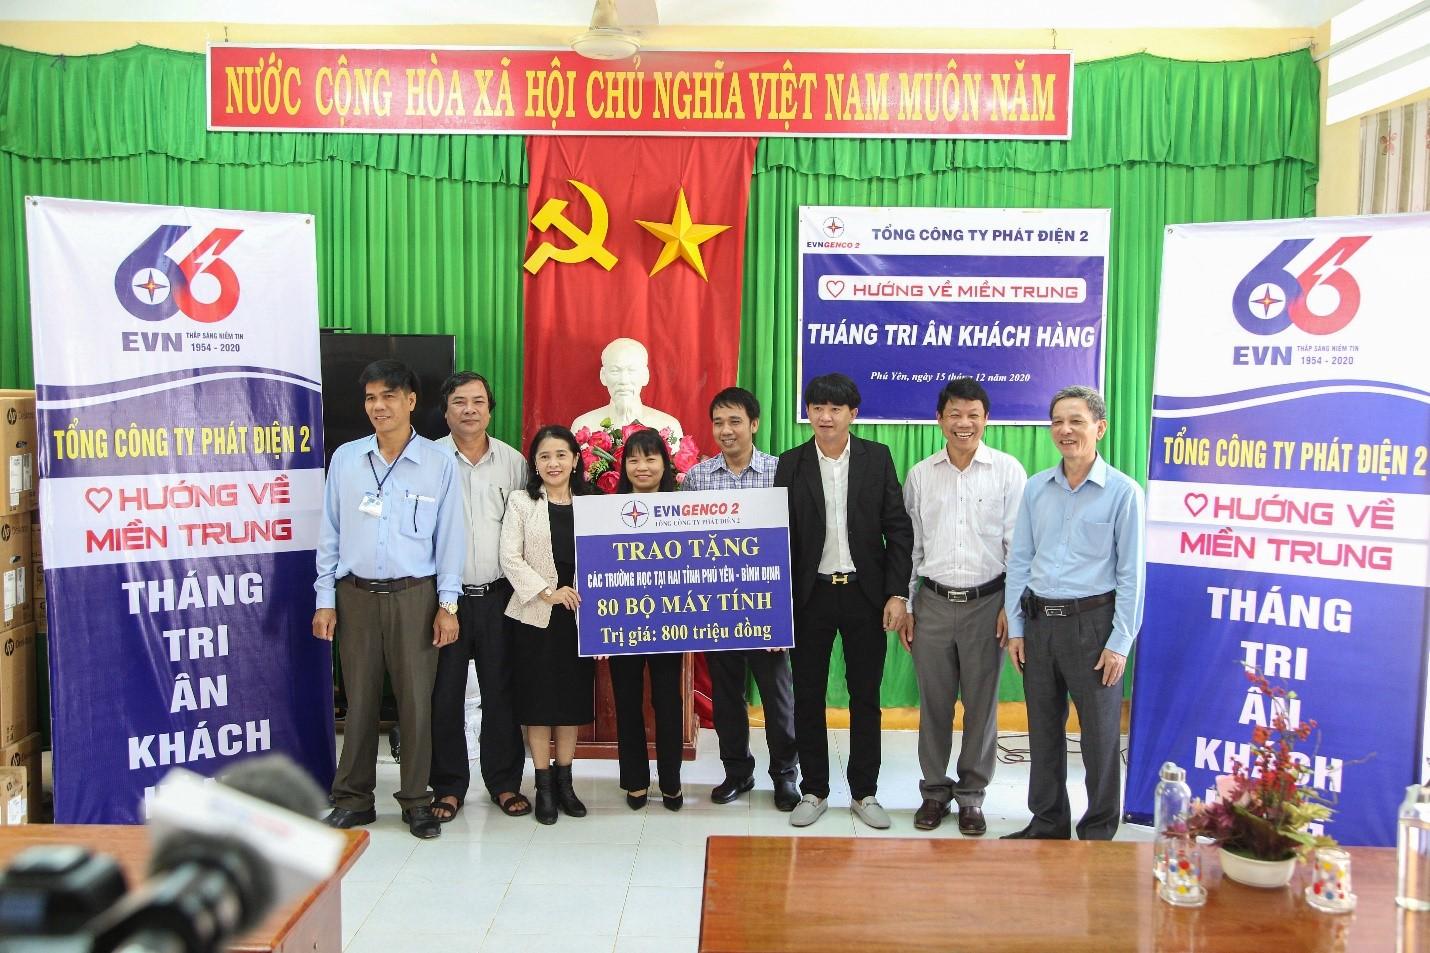 Đại diện EVNGENCO 2 trao 40 máy tính bàn cho trường học tại tỉnh Phú Yên